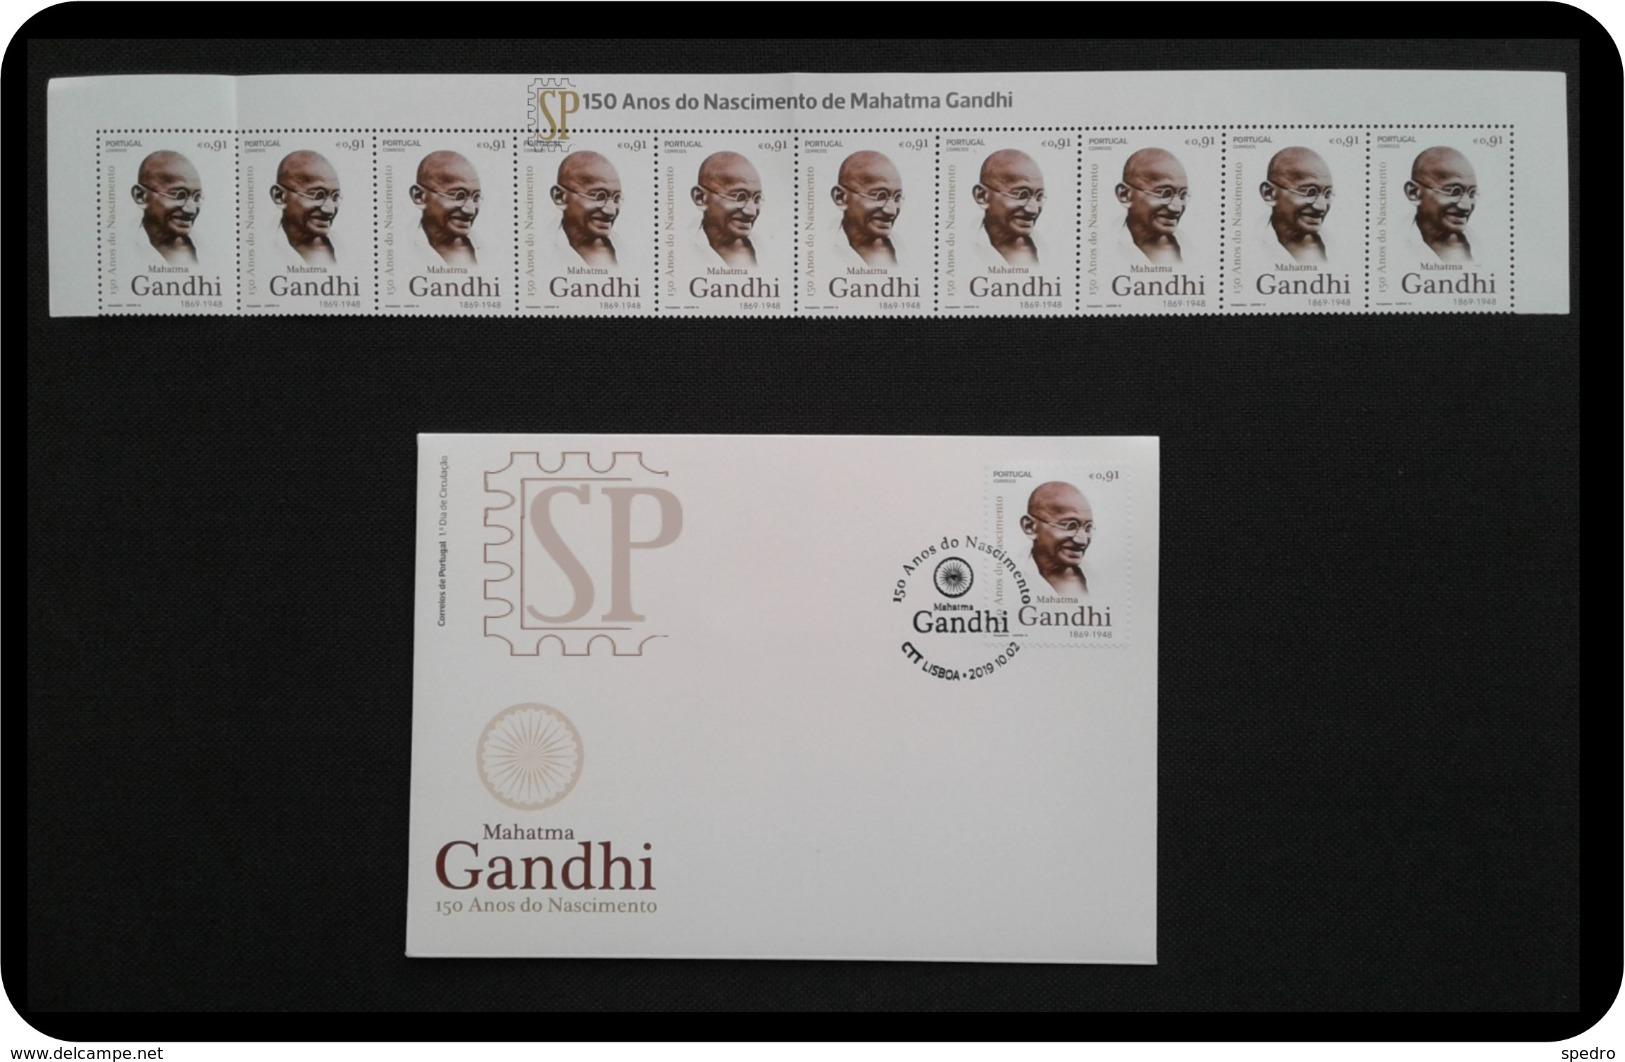 Portugal 2019 150 Anos Mahatma Gandhi Famous People Personnages De L'histoire - Mahatma Gandhi